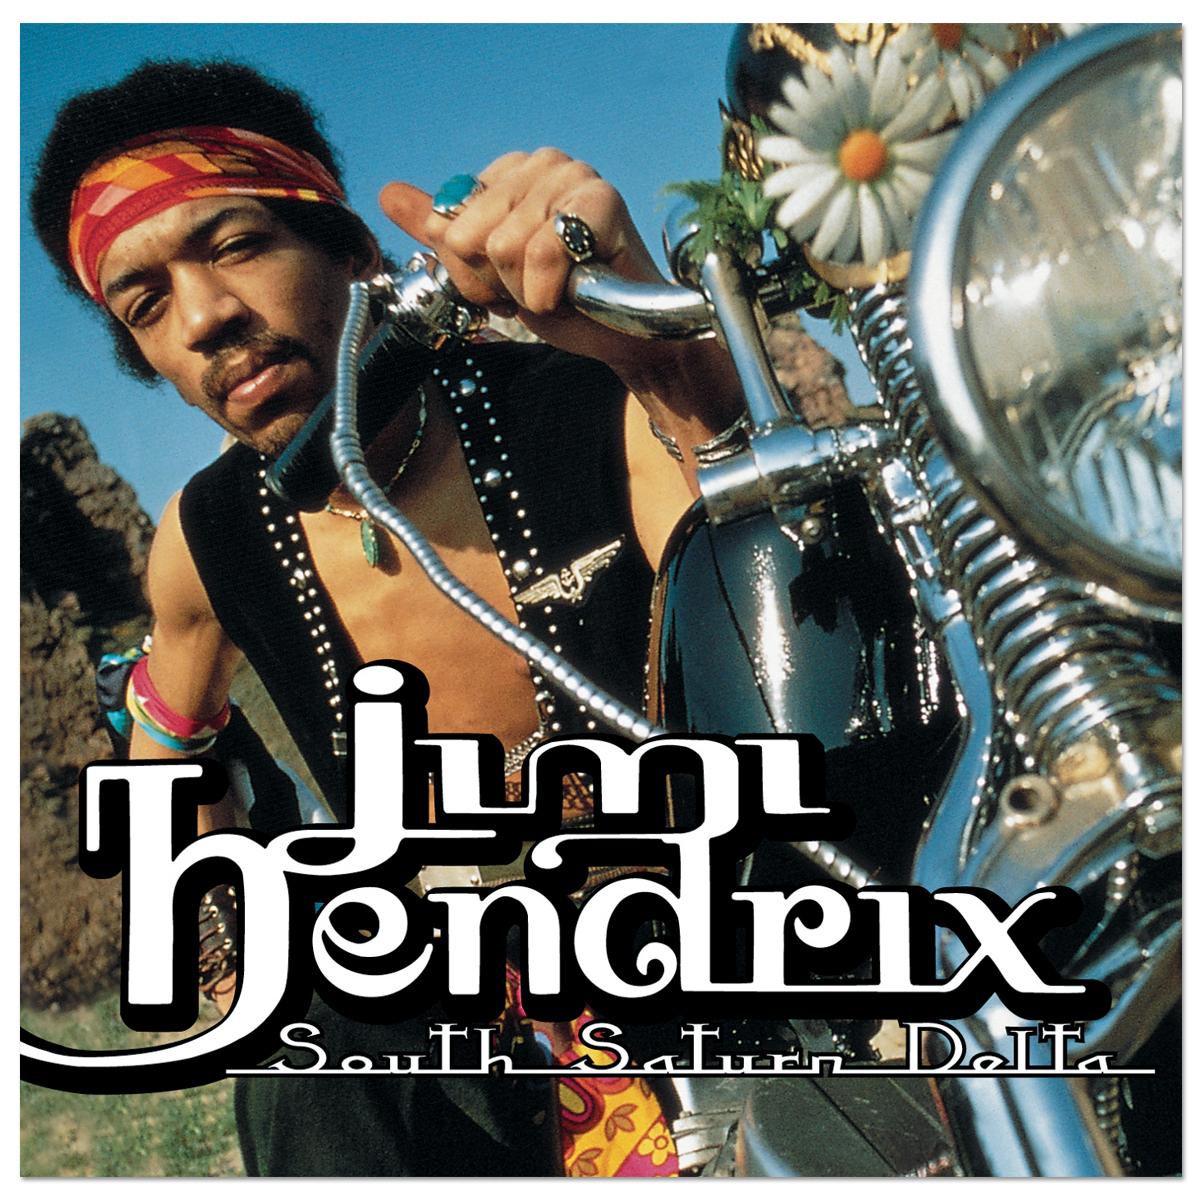 Jimi Hendrix: South Saturn Delta - CD (2011)